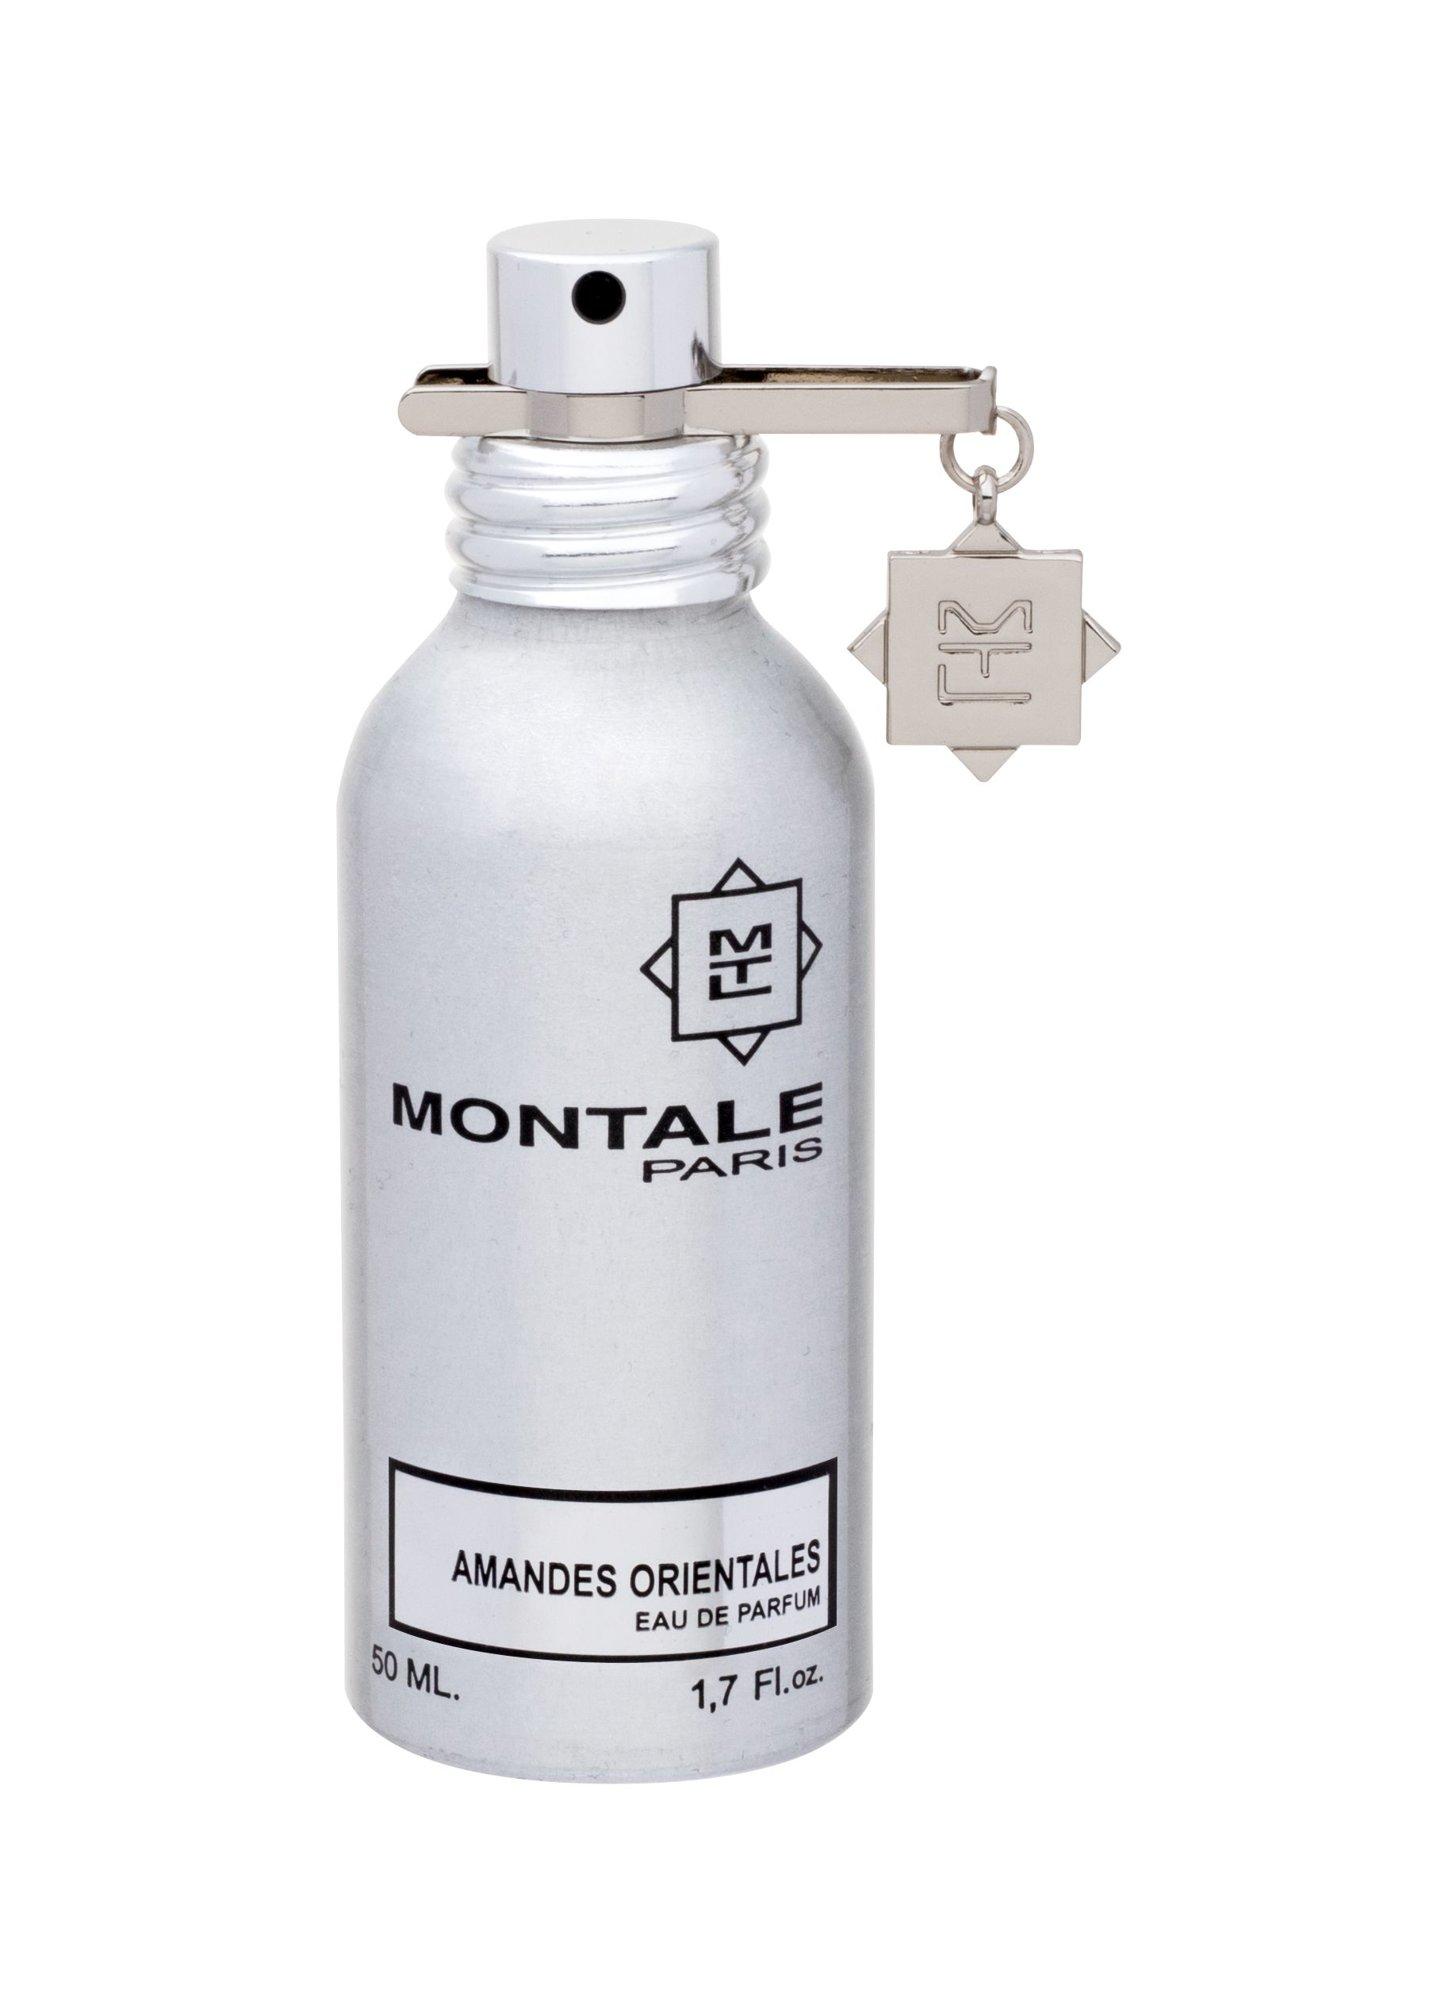 Montale Paris Amandes Orientales EDP 50ml